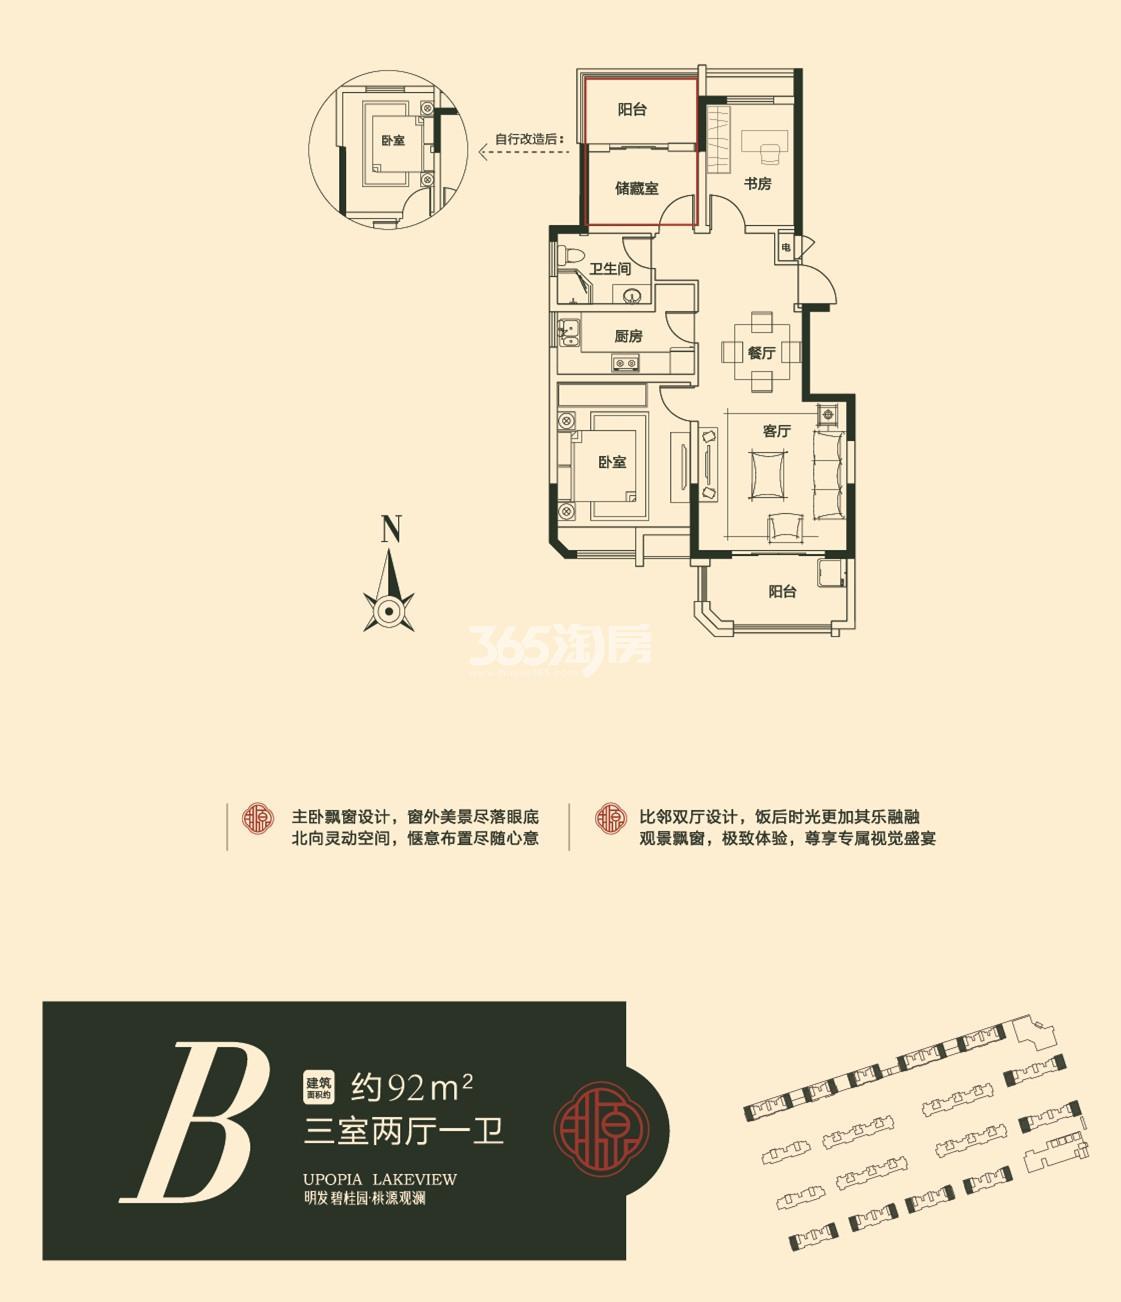 明发碧桂园·桃源观澜92㎡户型